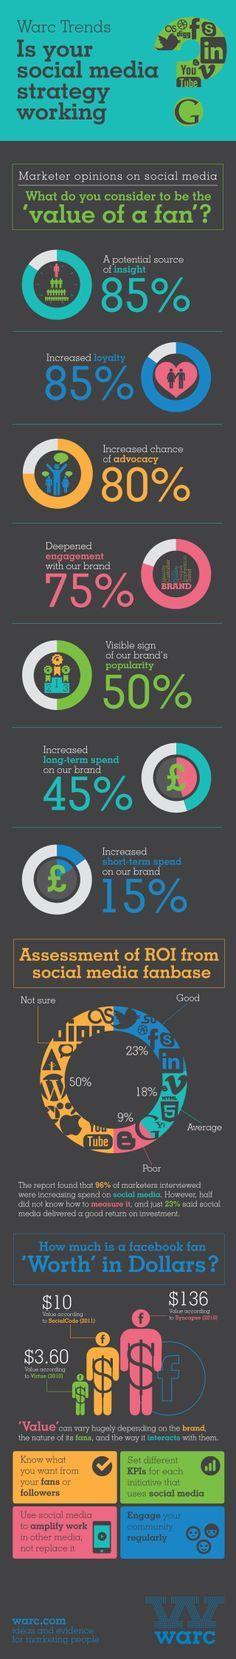 Value of a Fan #social media